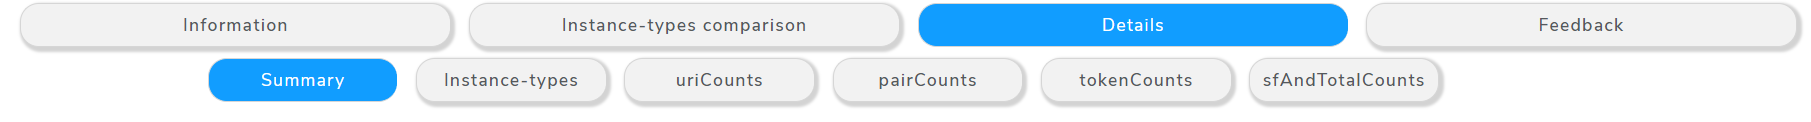 Sub-tabs